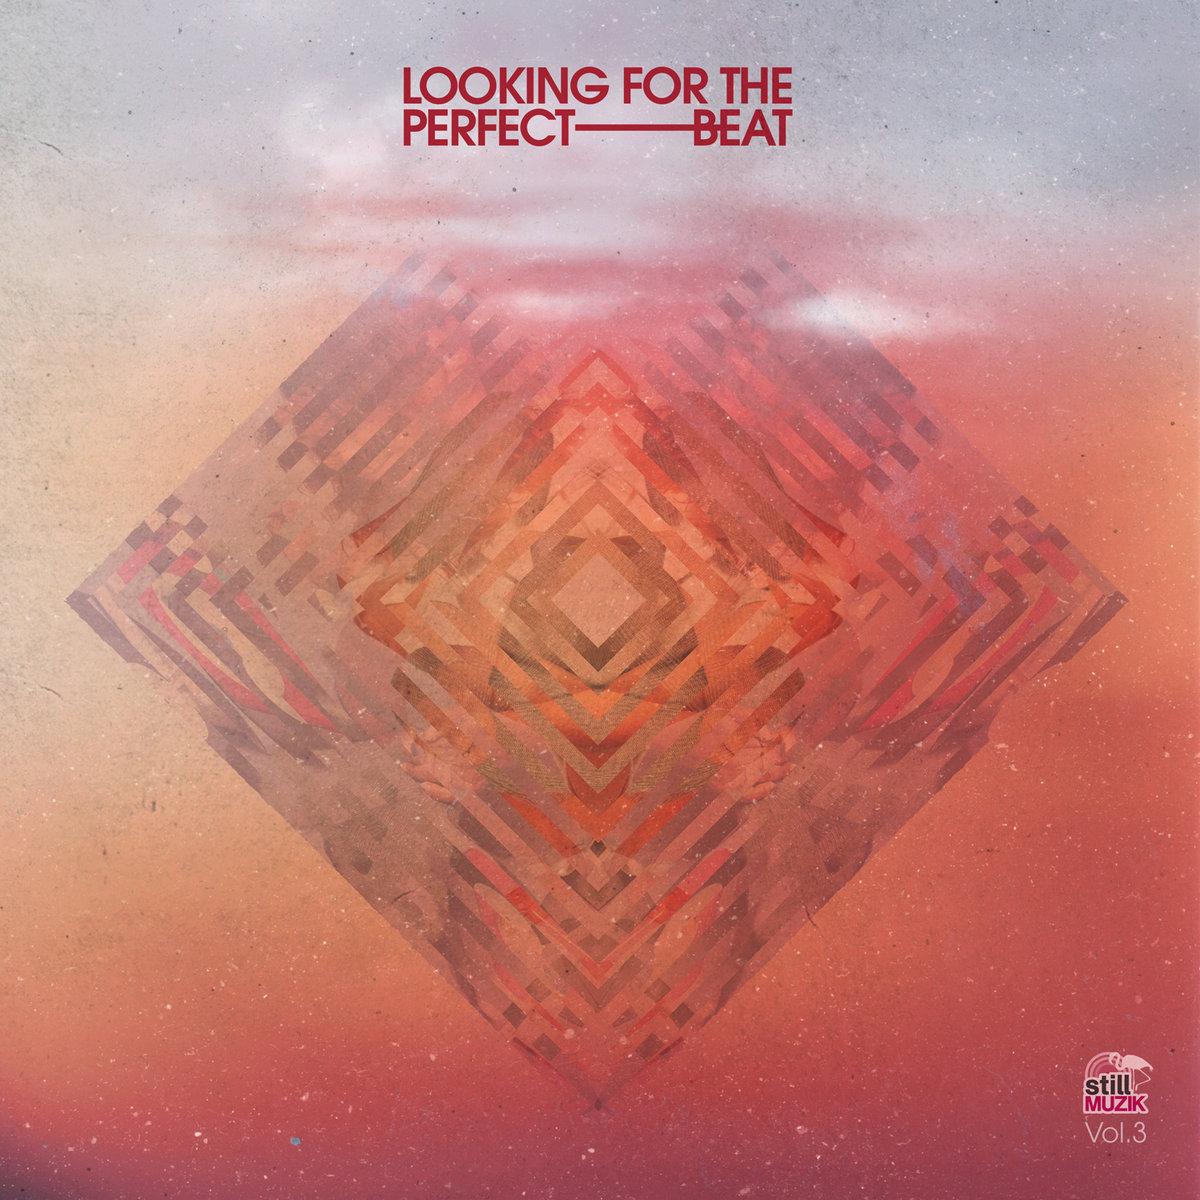 8. stillmuzik - Looking For The Perfect Beat Vol. 3